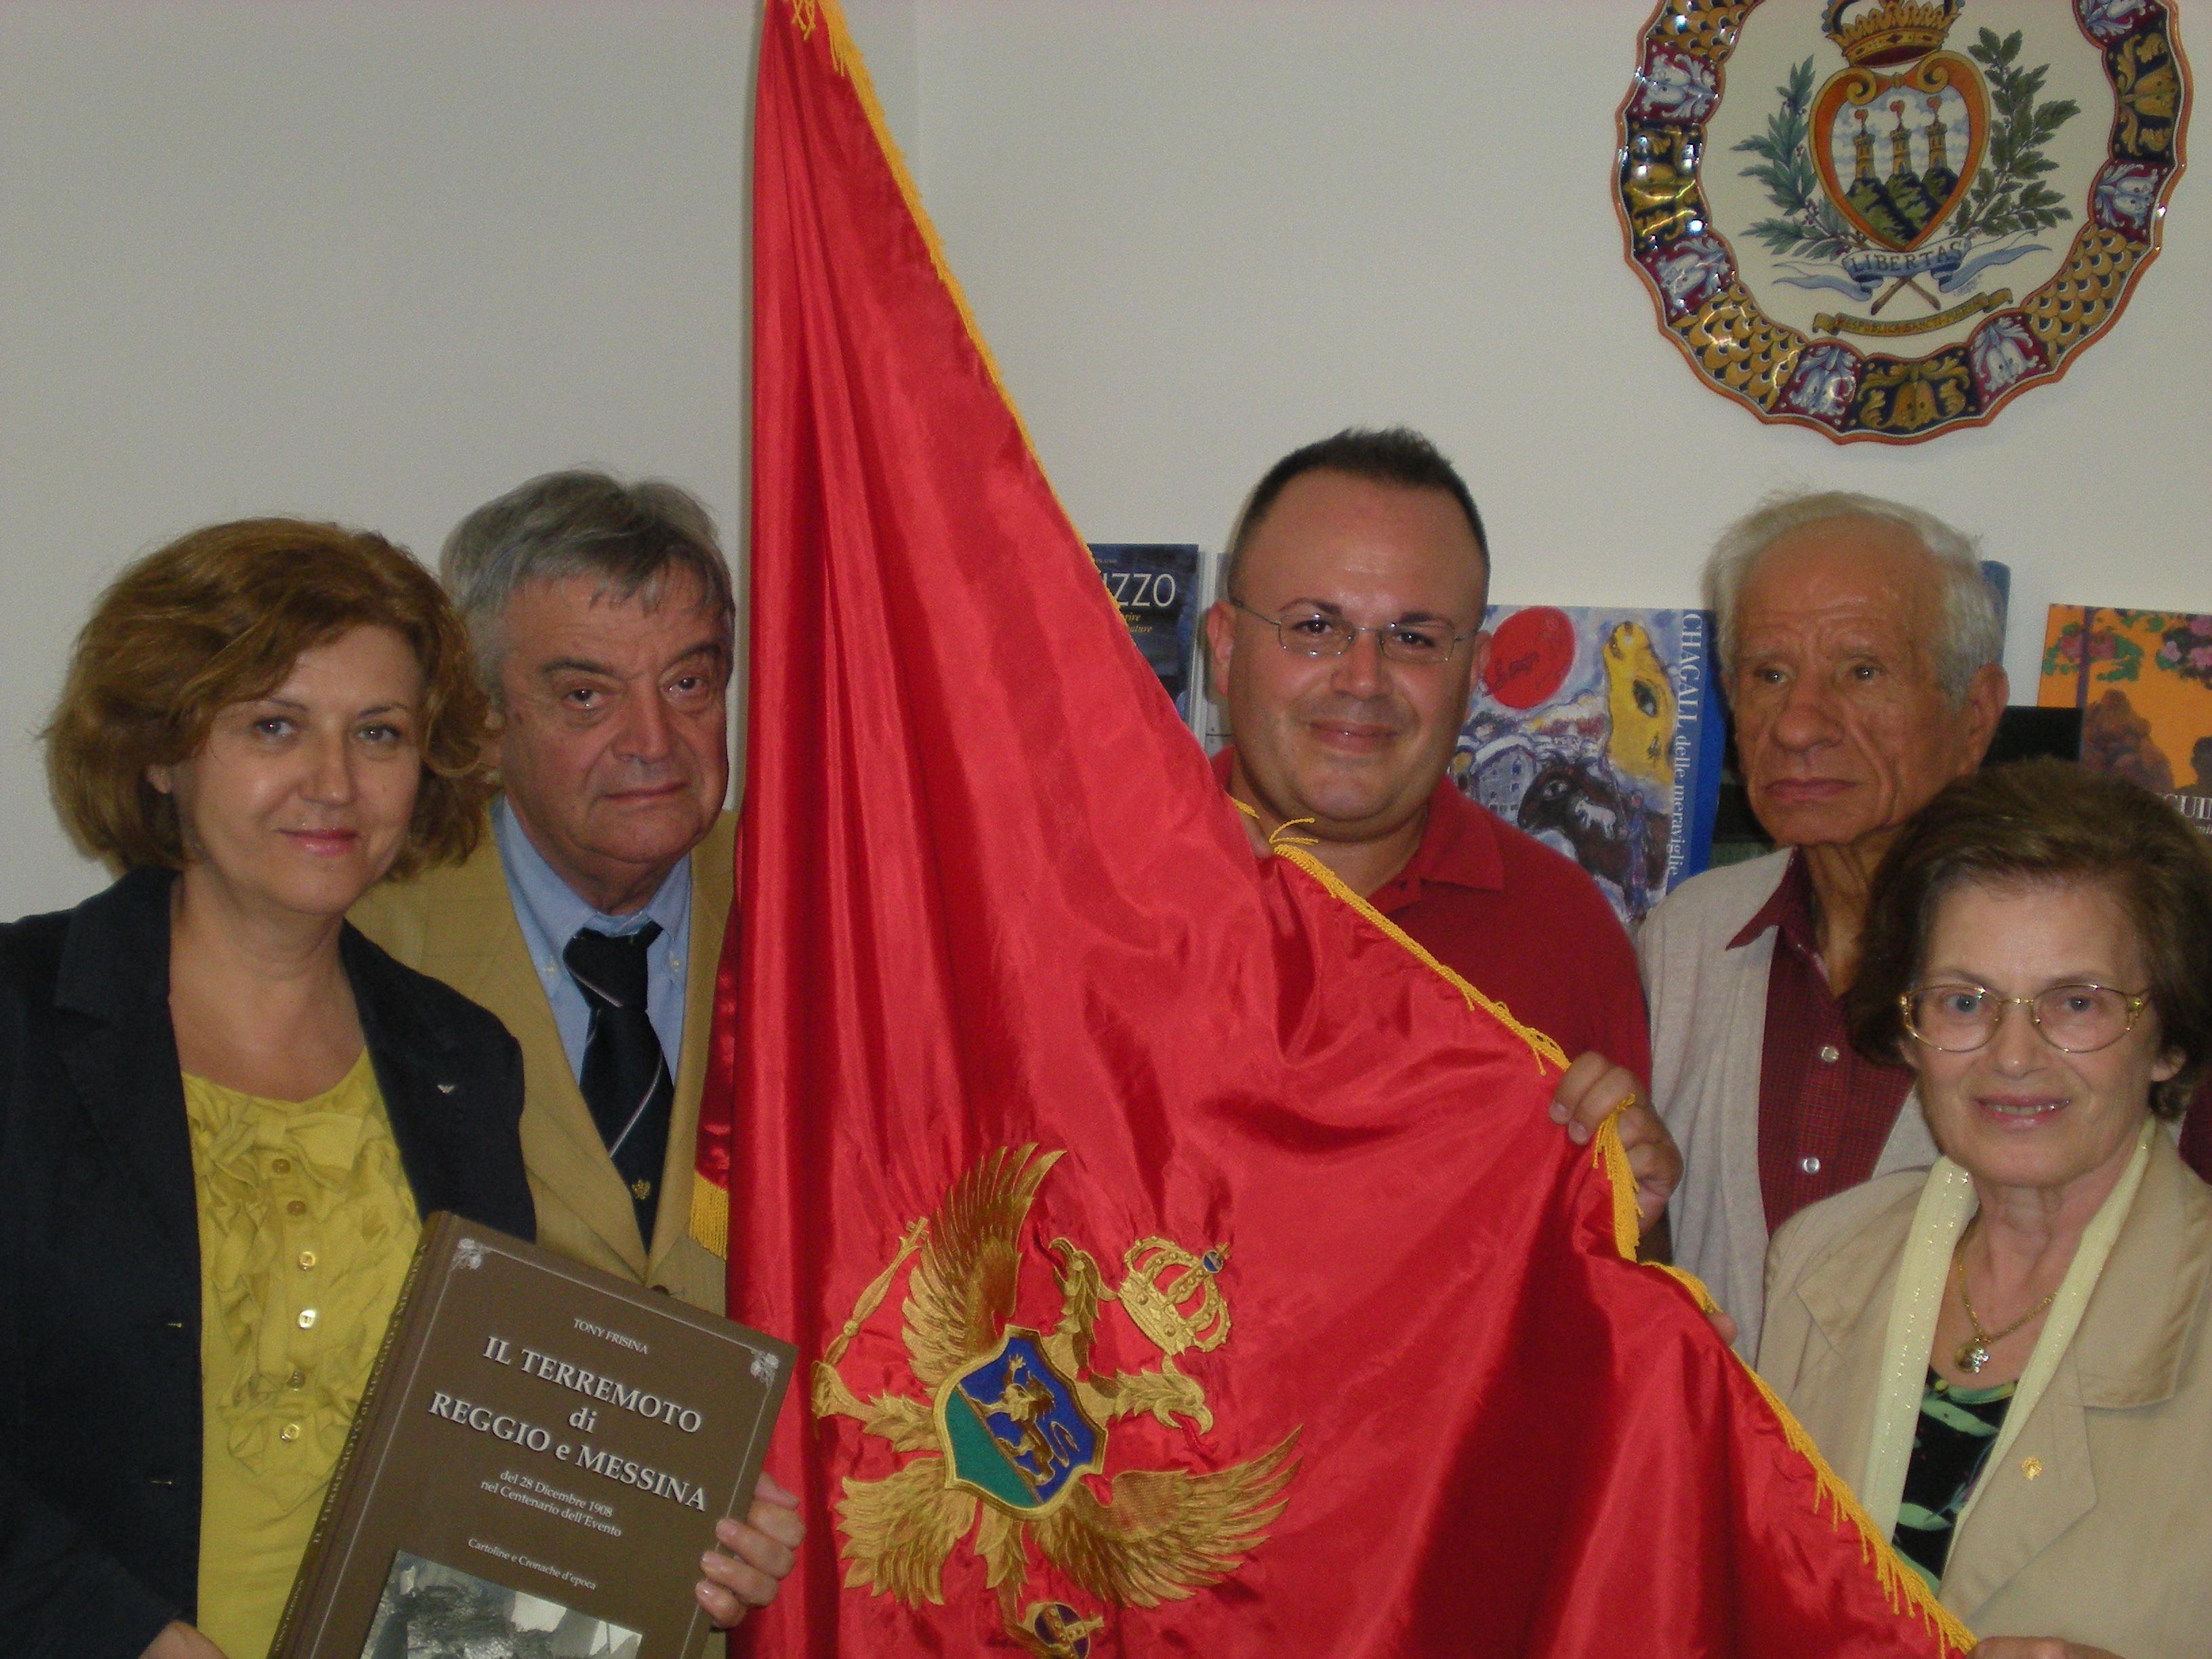 carmine passalacqua amici montenegro